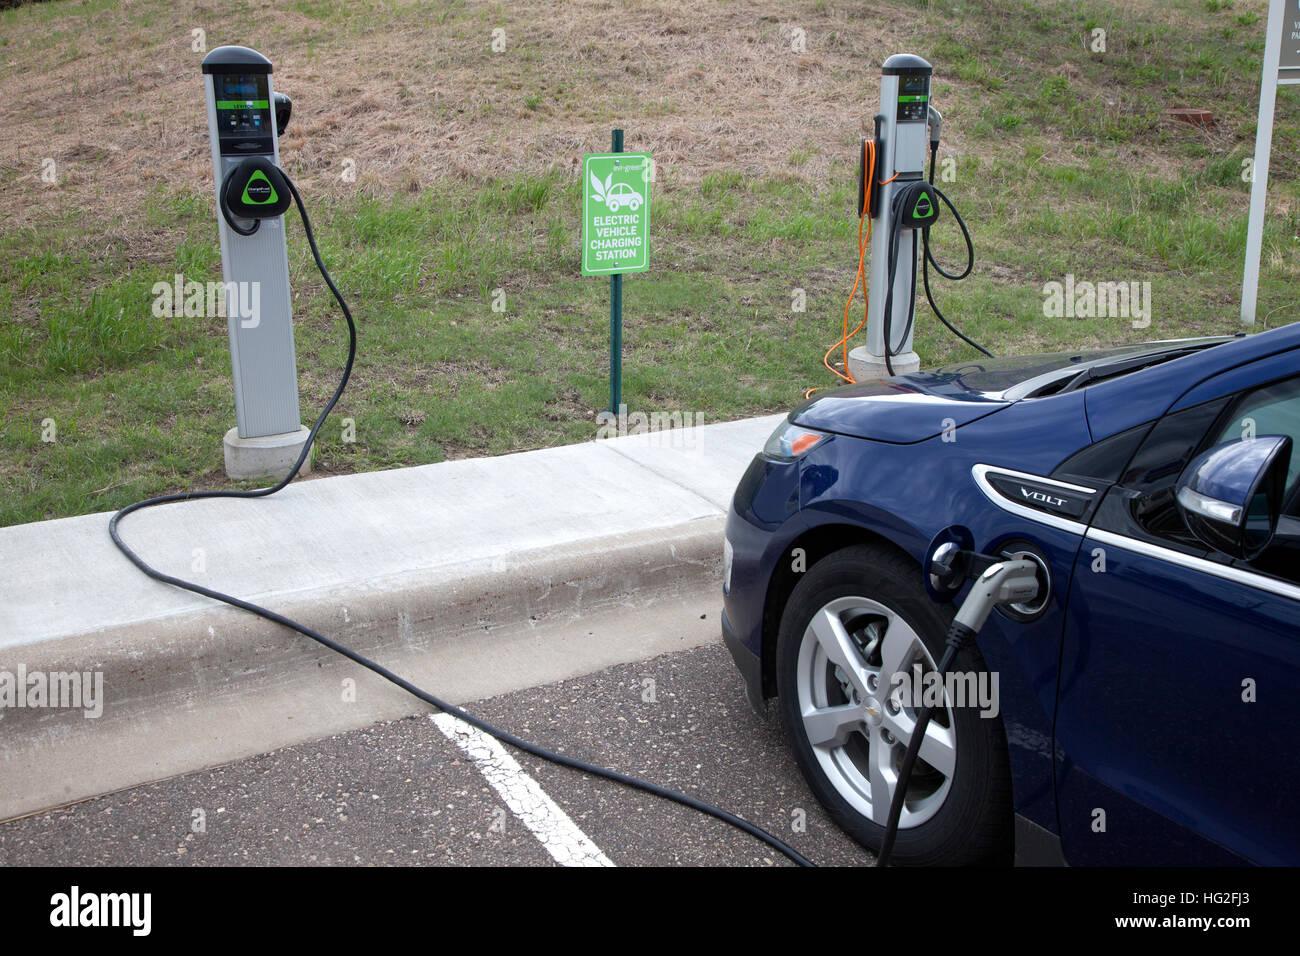 Chargement de la batterie d'une voiture électrique Chevrolet Volt dans le grand parking de l'administration Photo Stock